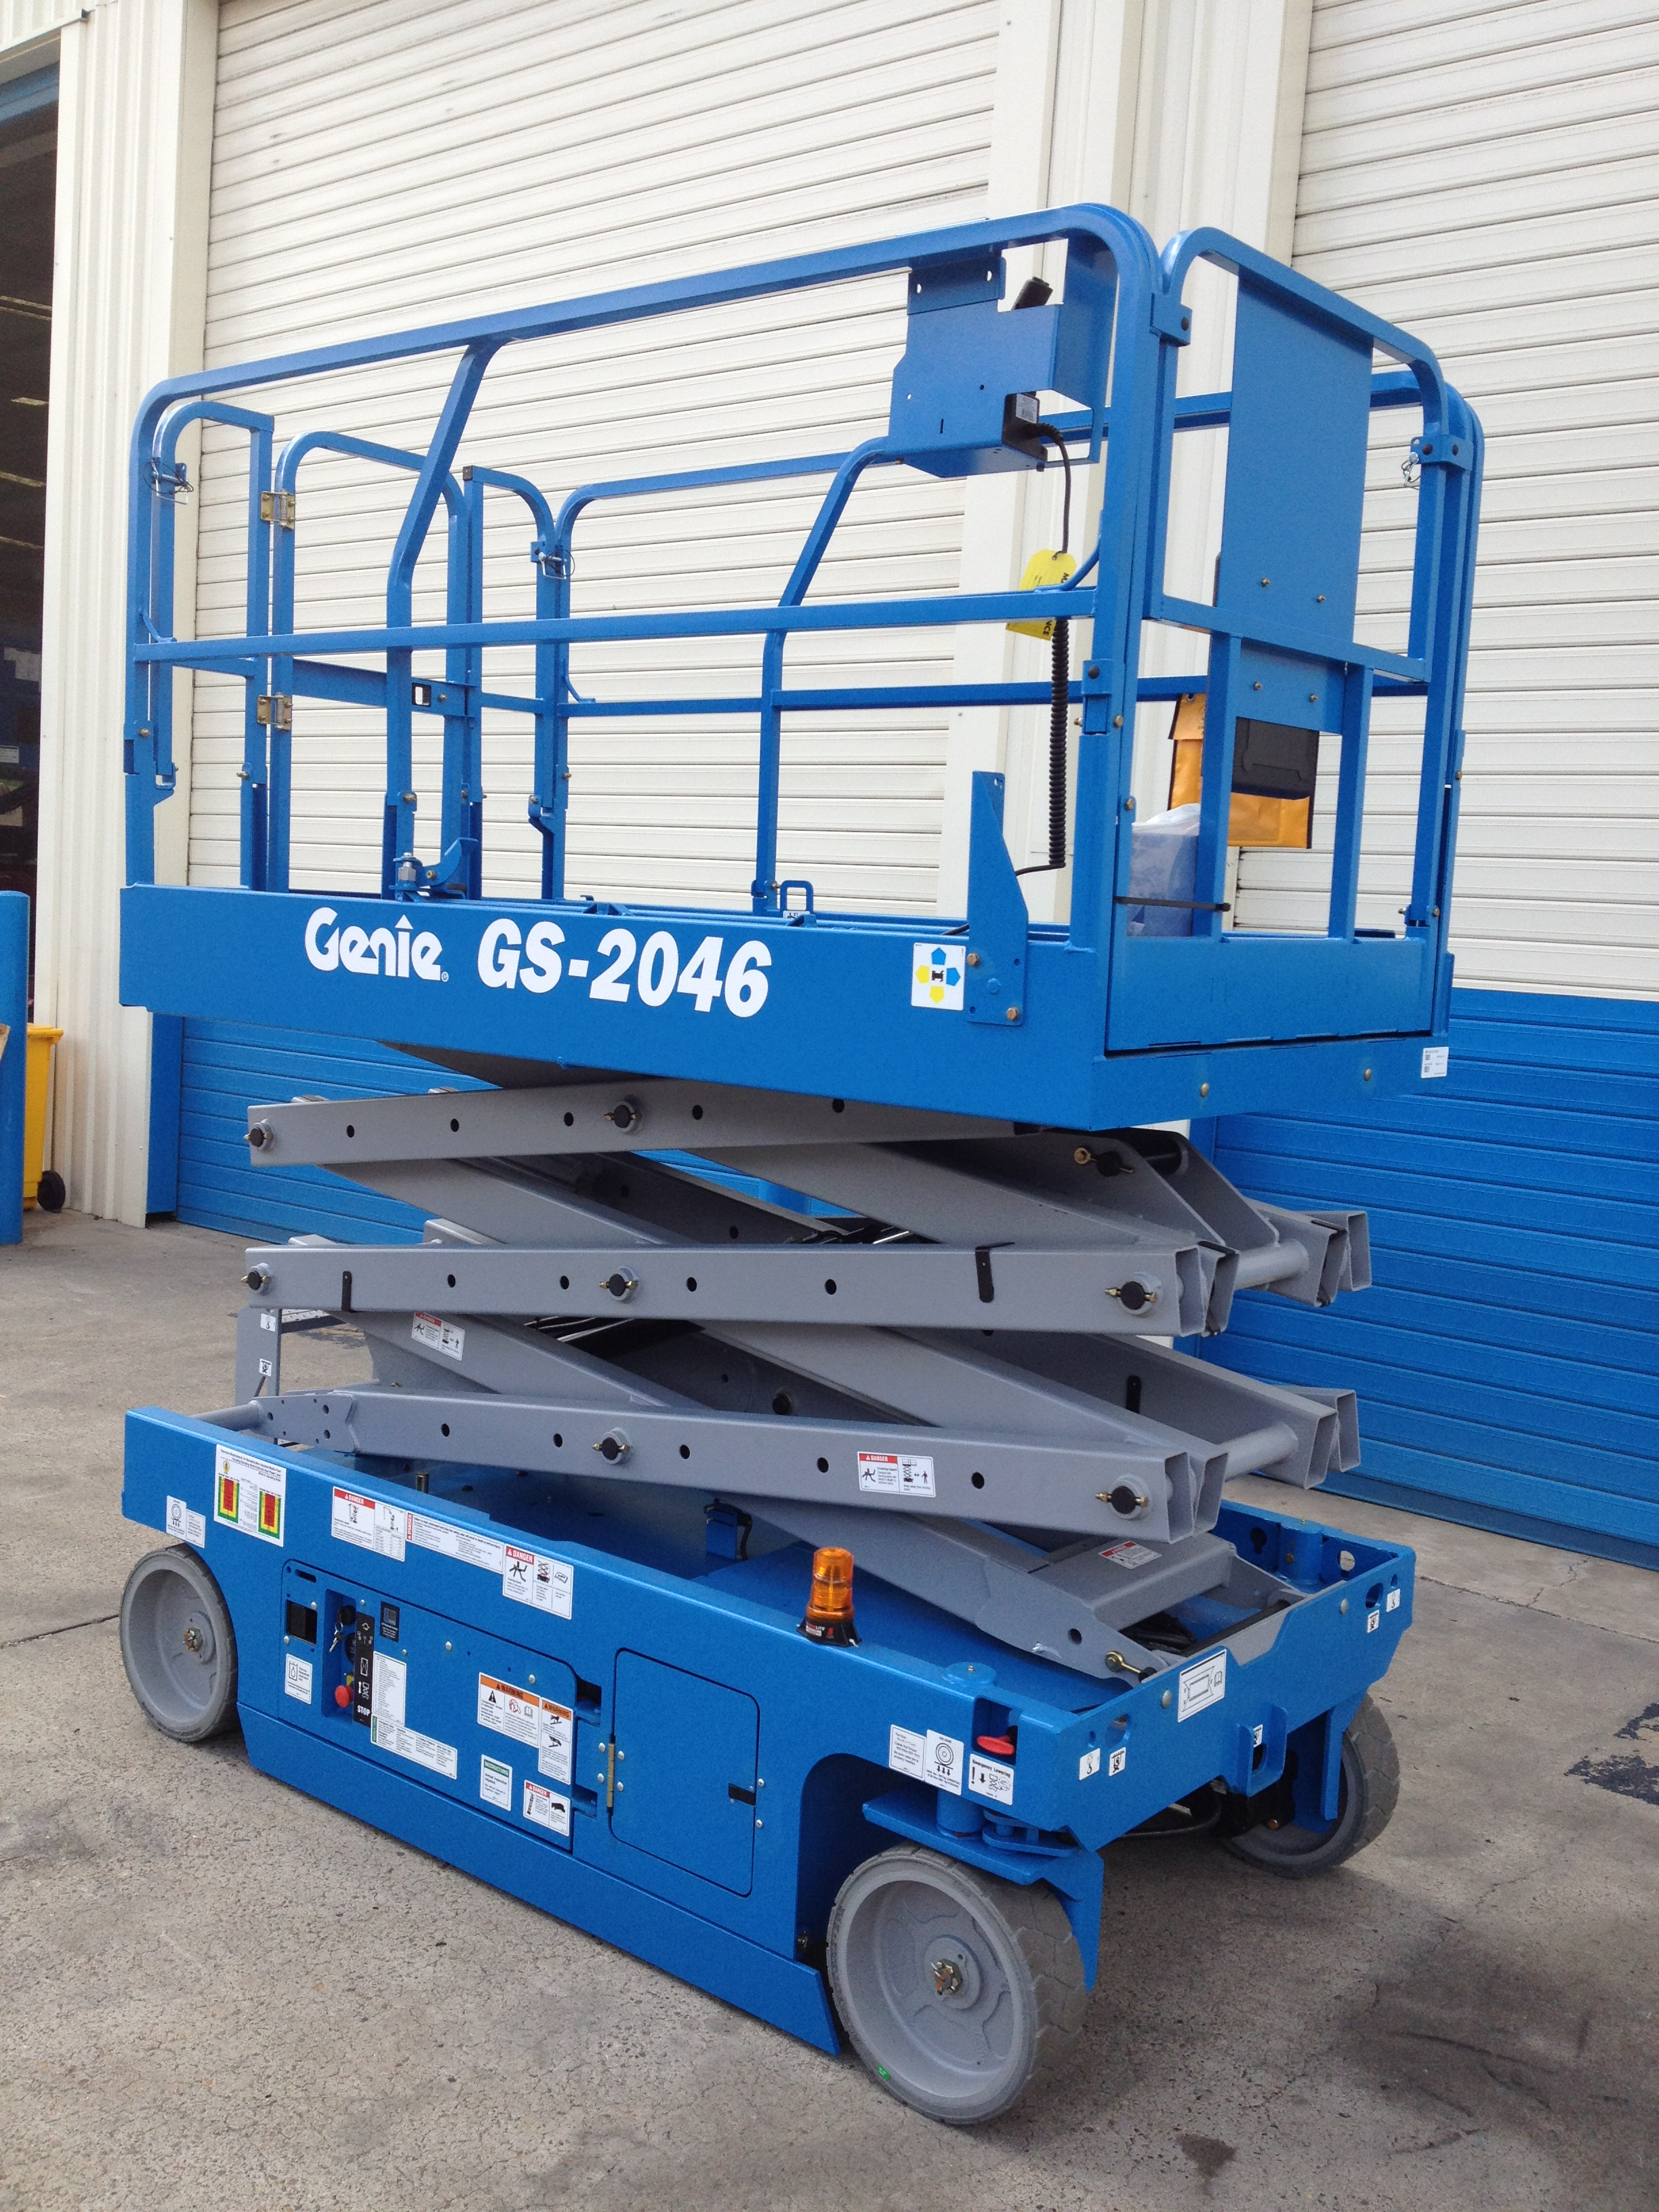 Genie GS 2046 / GS 2646 / GS 3246 - Platform Sales